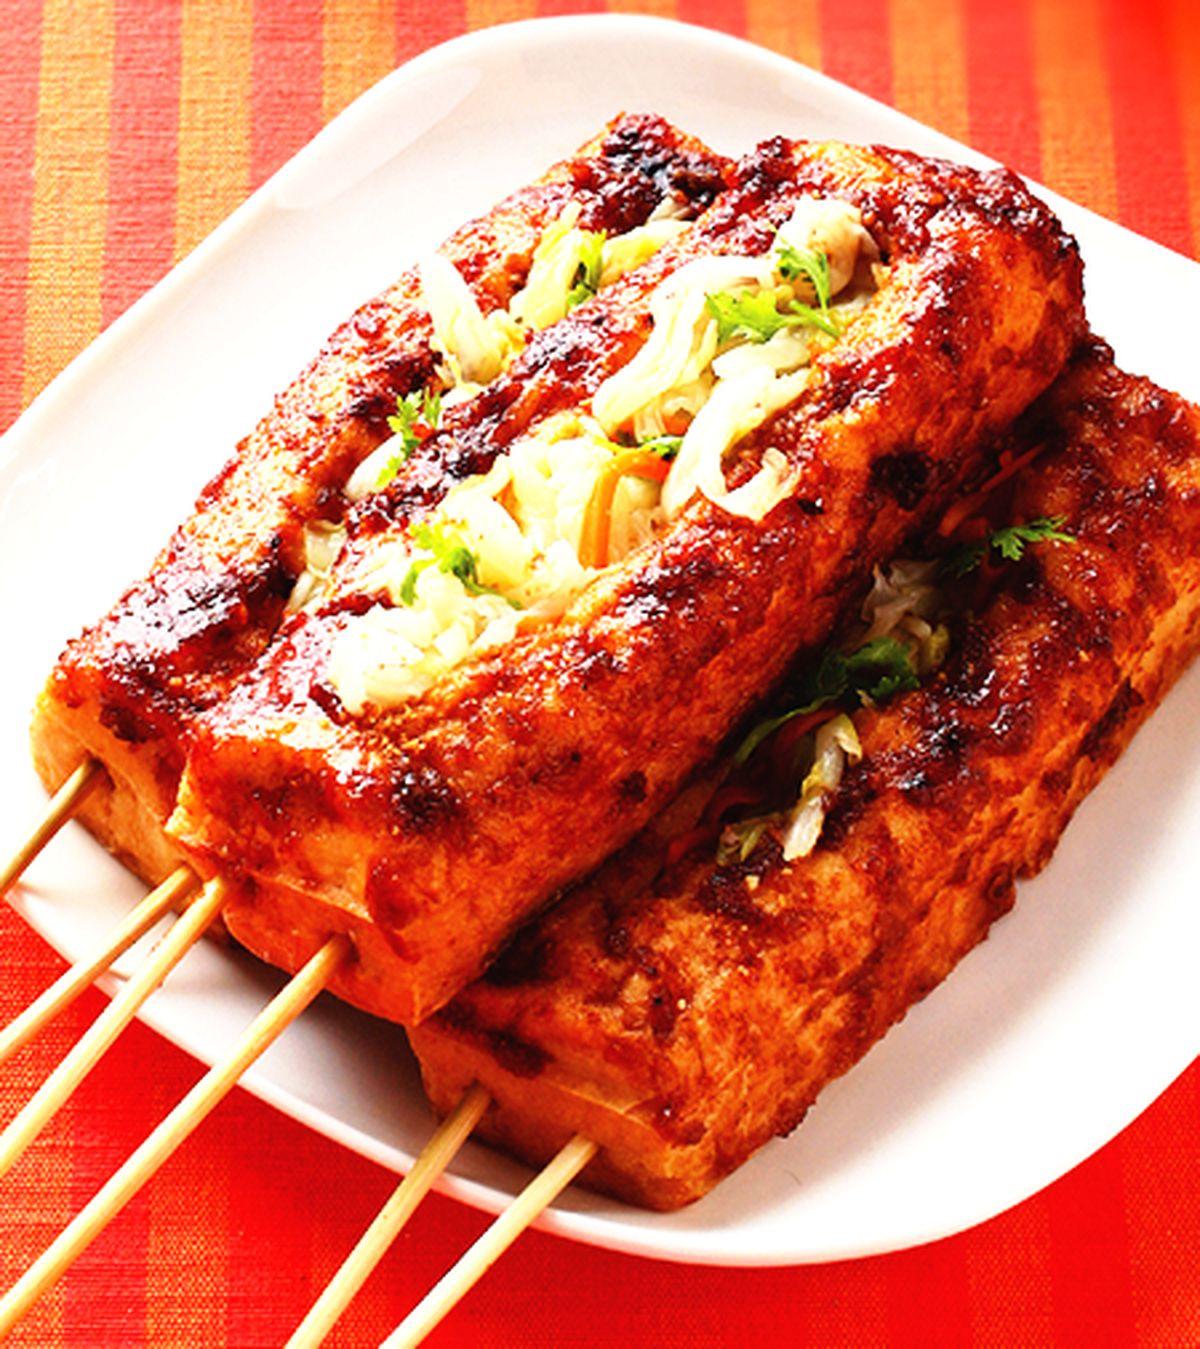 食譜:炭烤臭豆腐